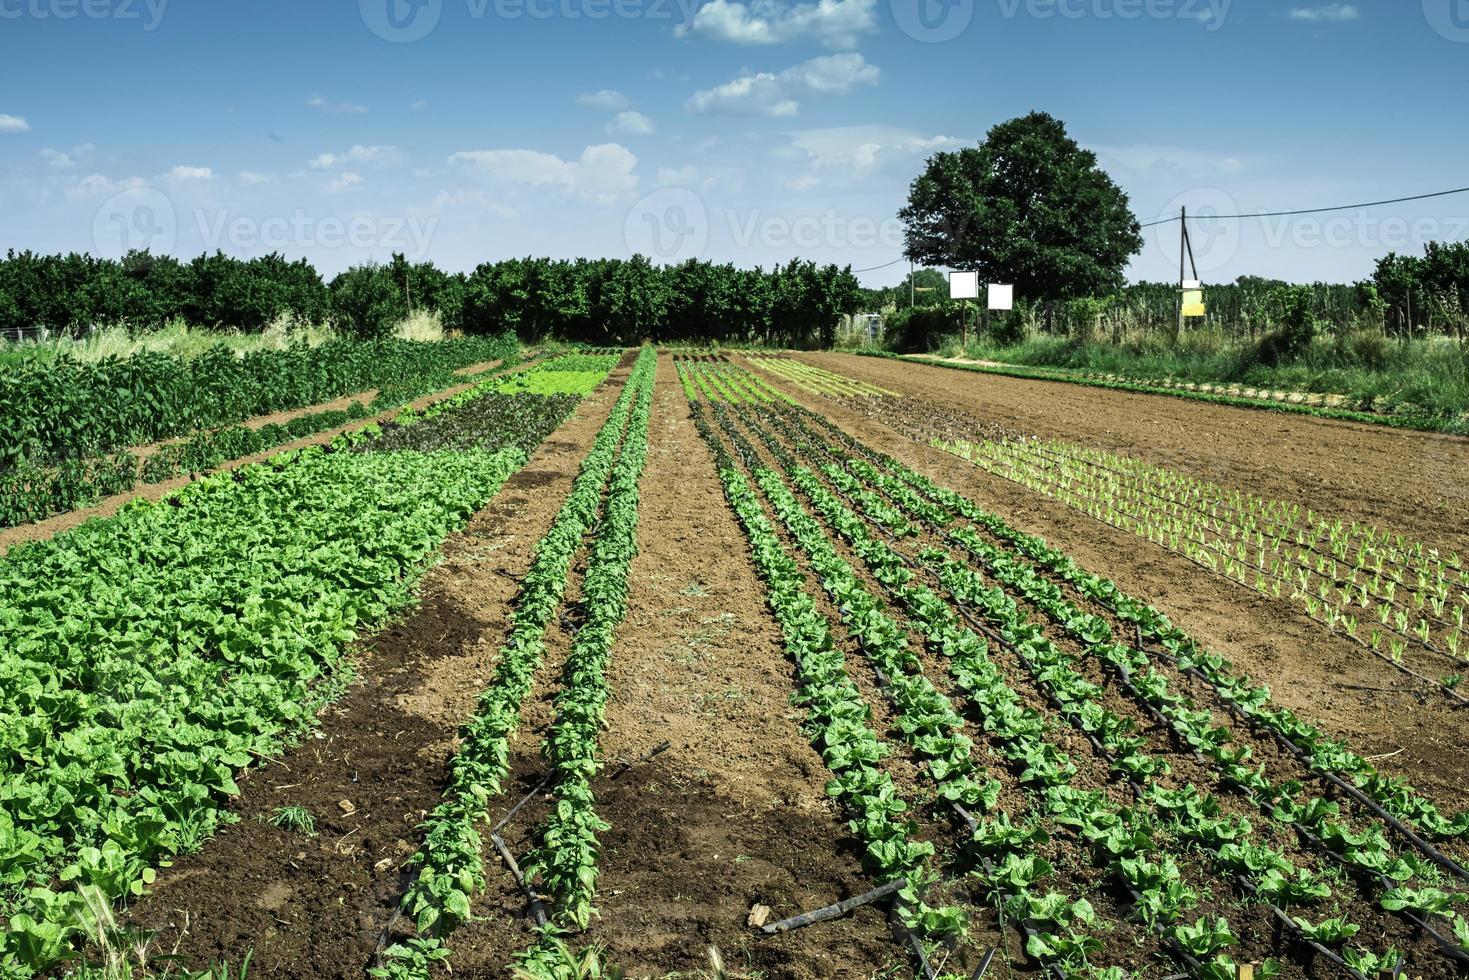 piantagioni con lattuga foto